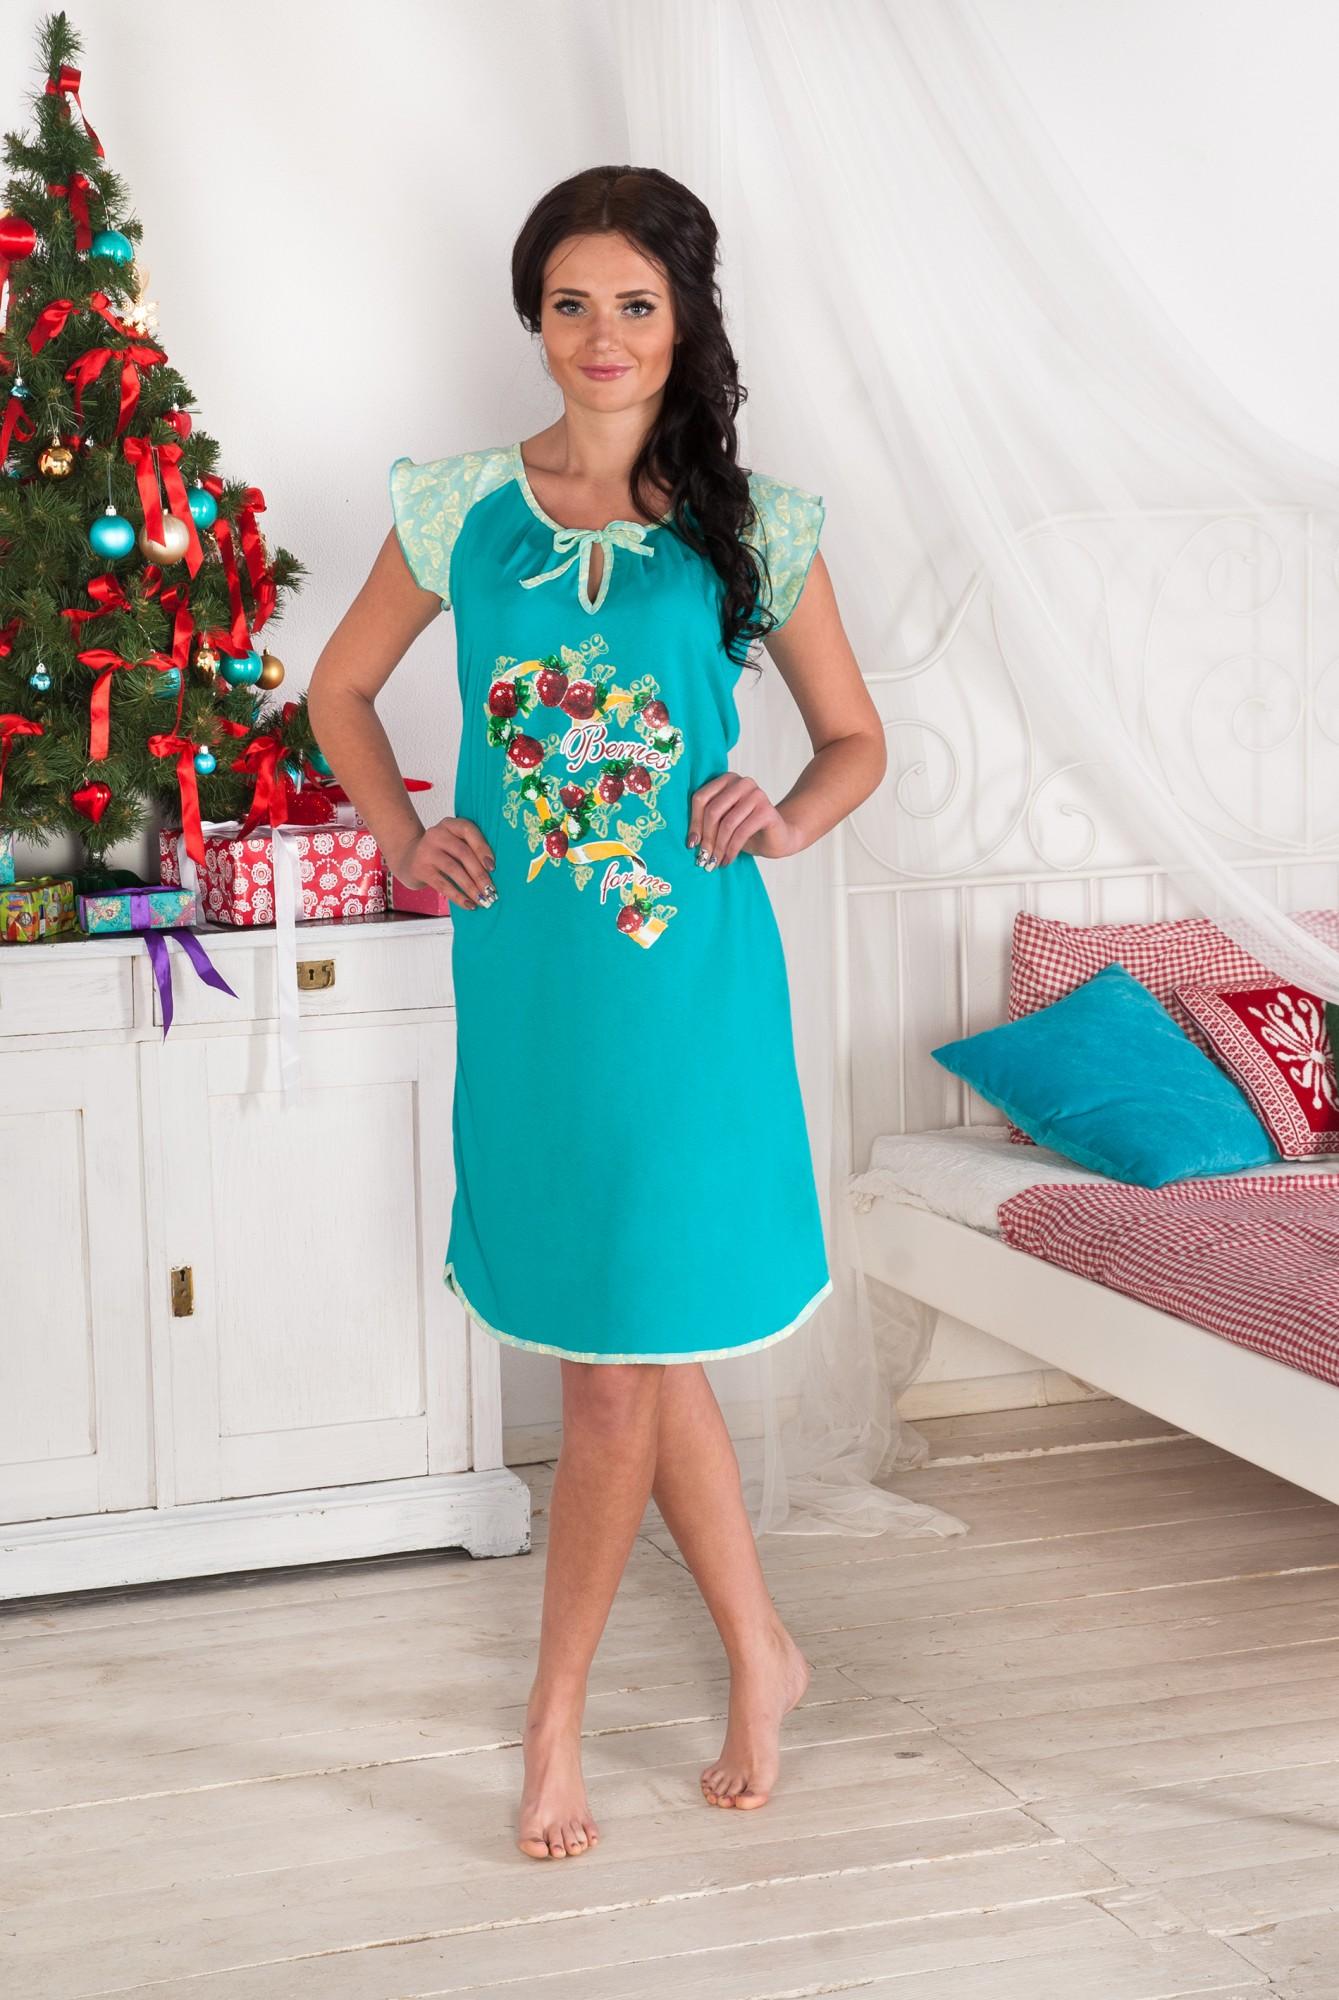 Сорочка женская Карамель с коротким рукавомСорочки<br><br><br>Размер: красный